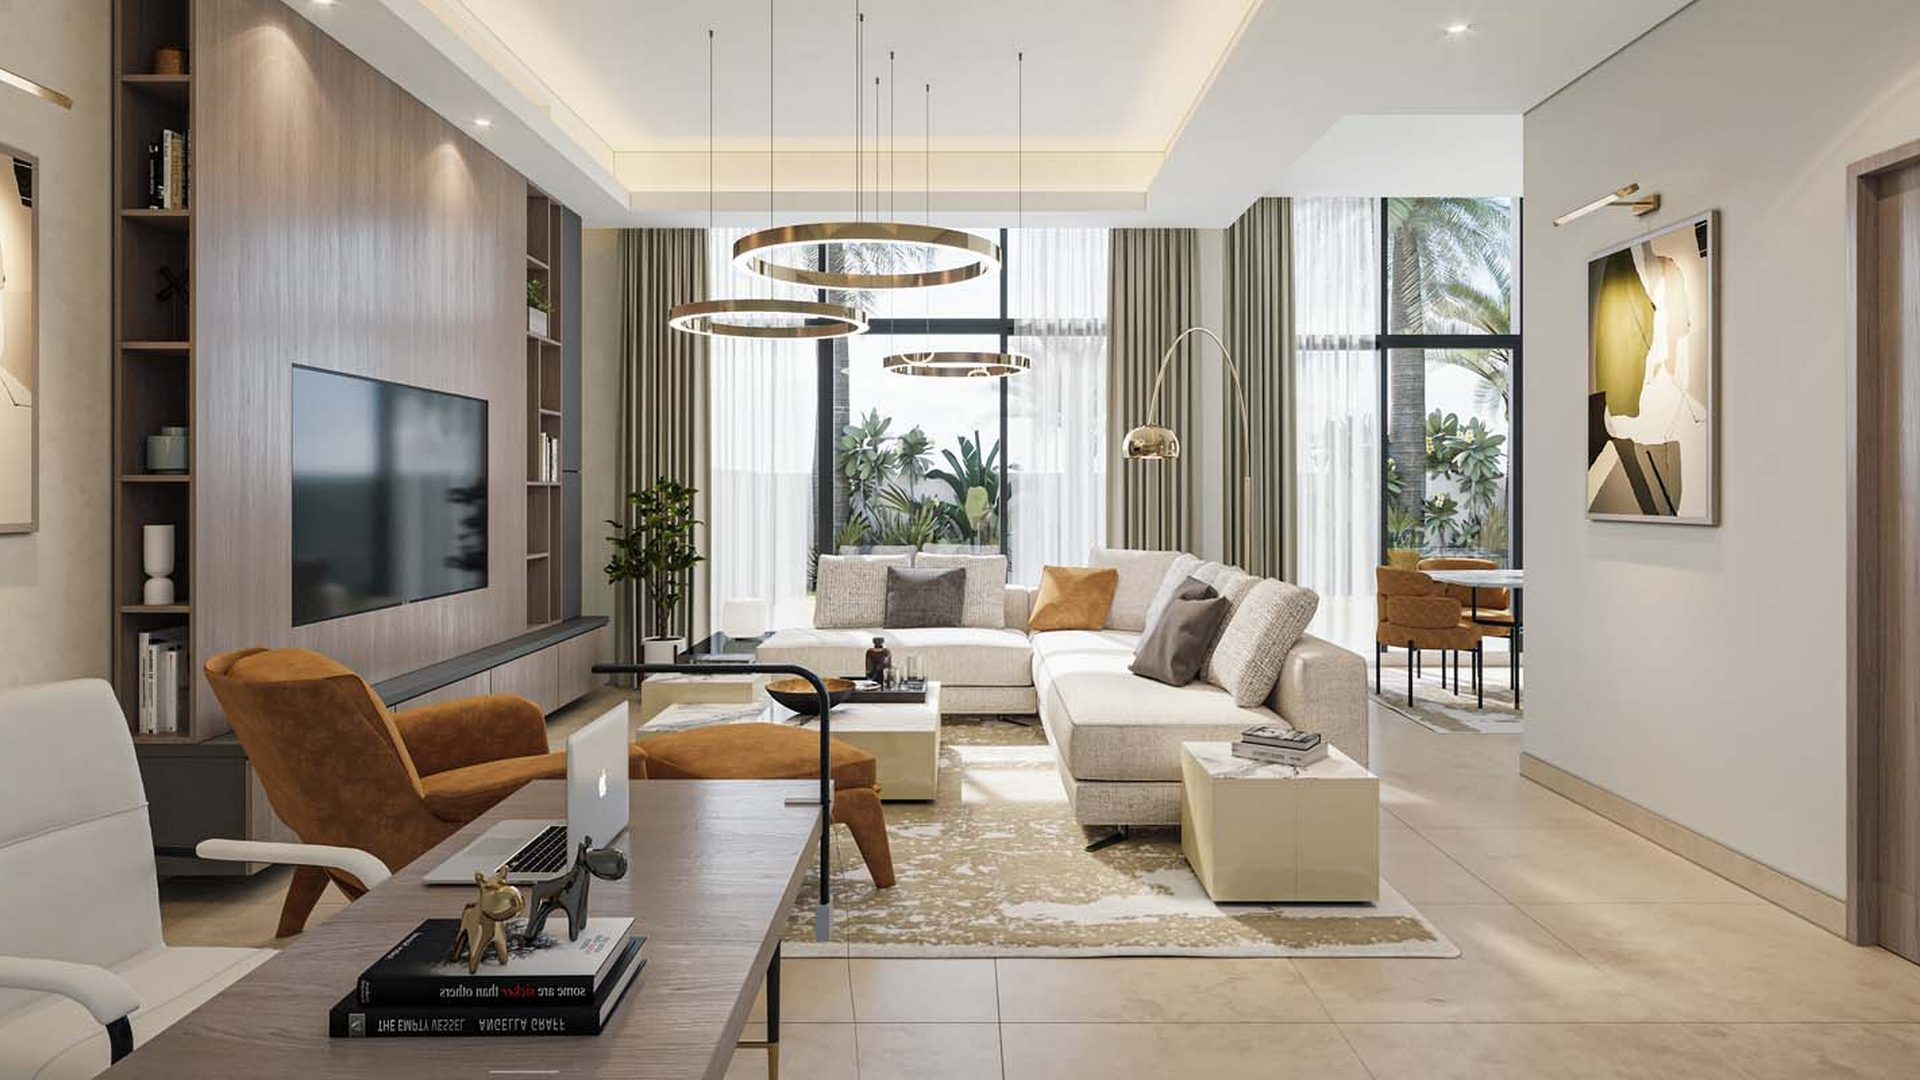 Adosado en venta en Dubai, EAU, 4 dormitorios, 457 m2, № 24532 – foto 1